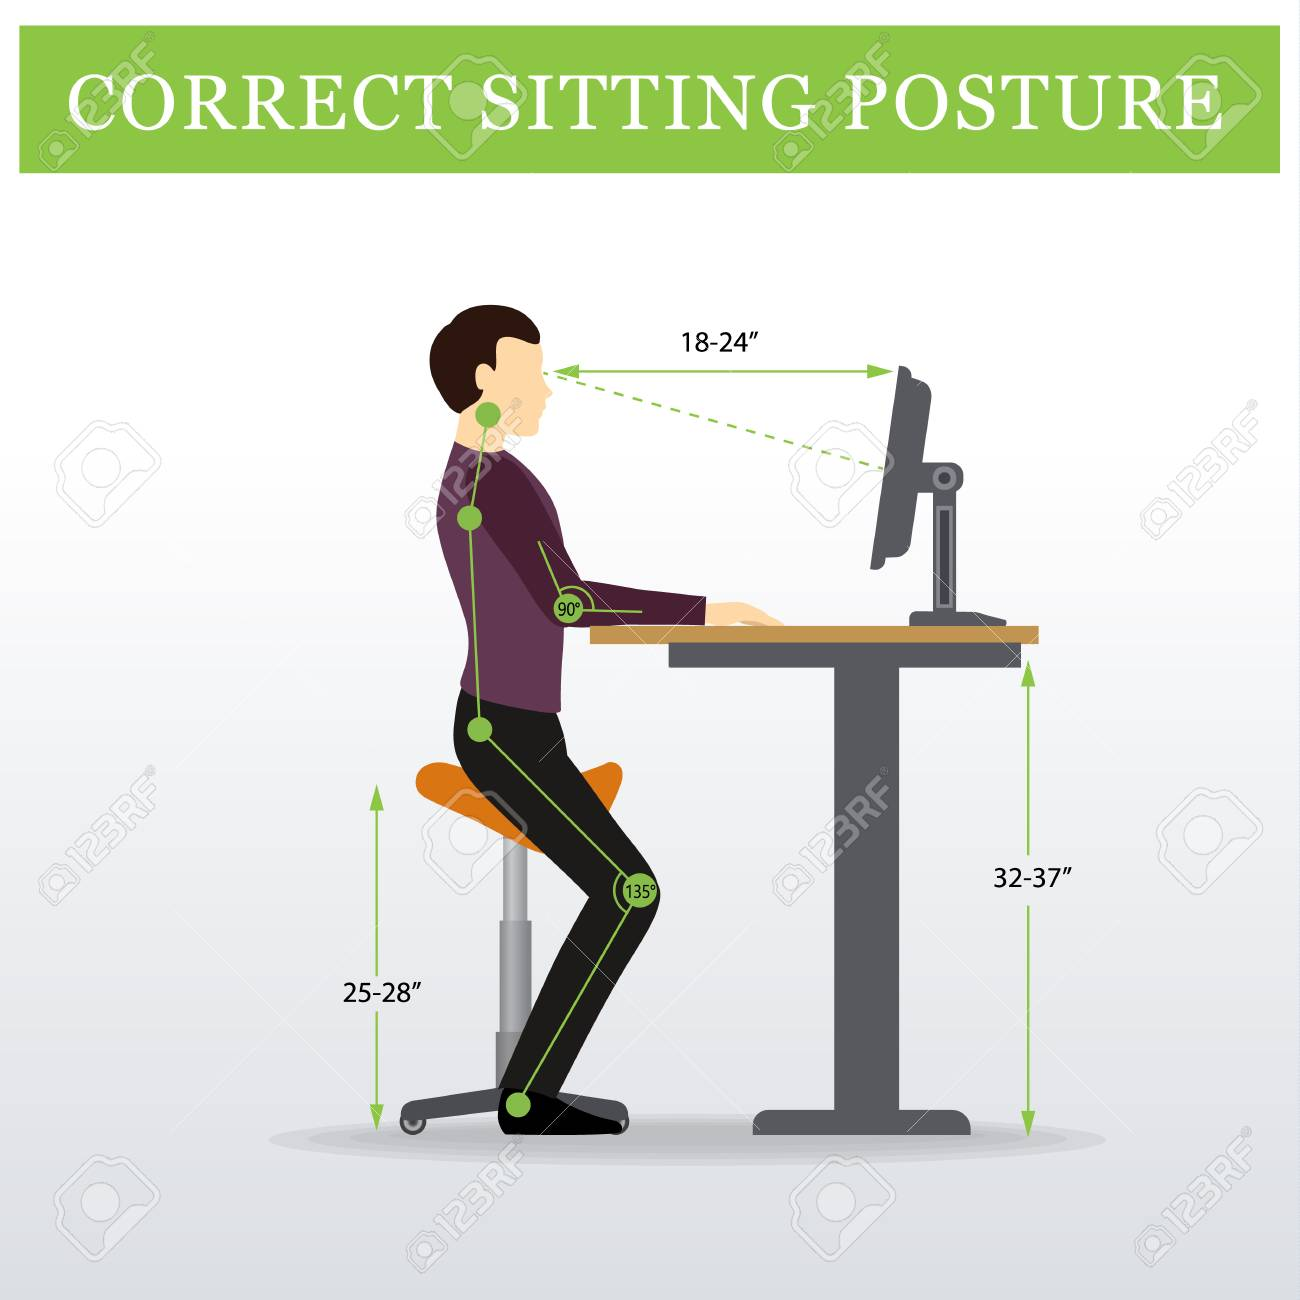 banque d images ergonomique selle assis chaise et bureau reglable en hauteur ou une table assis et debout pose d un homme pose de seance en bonne sante